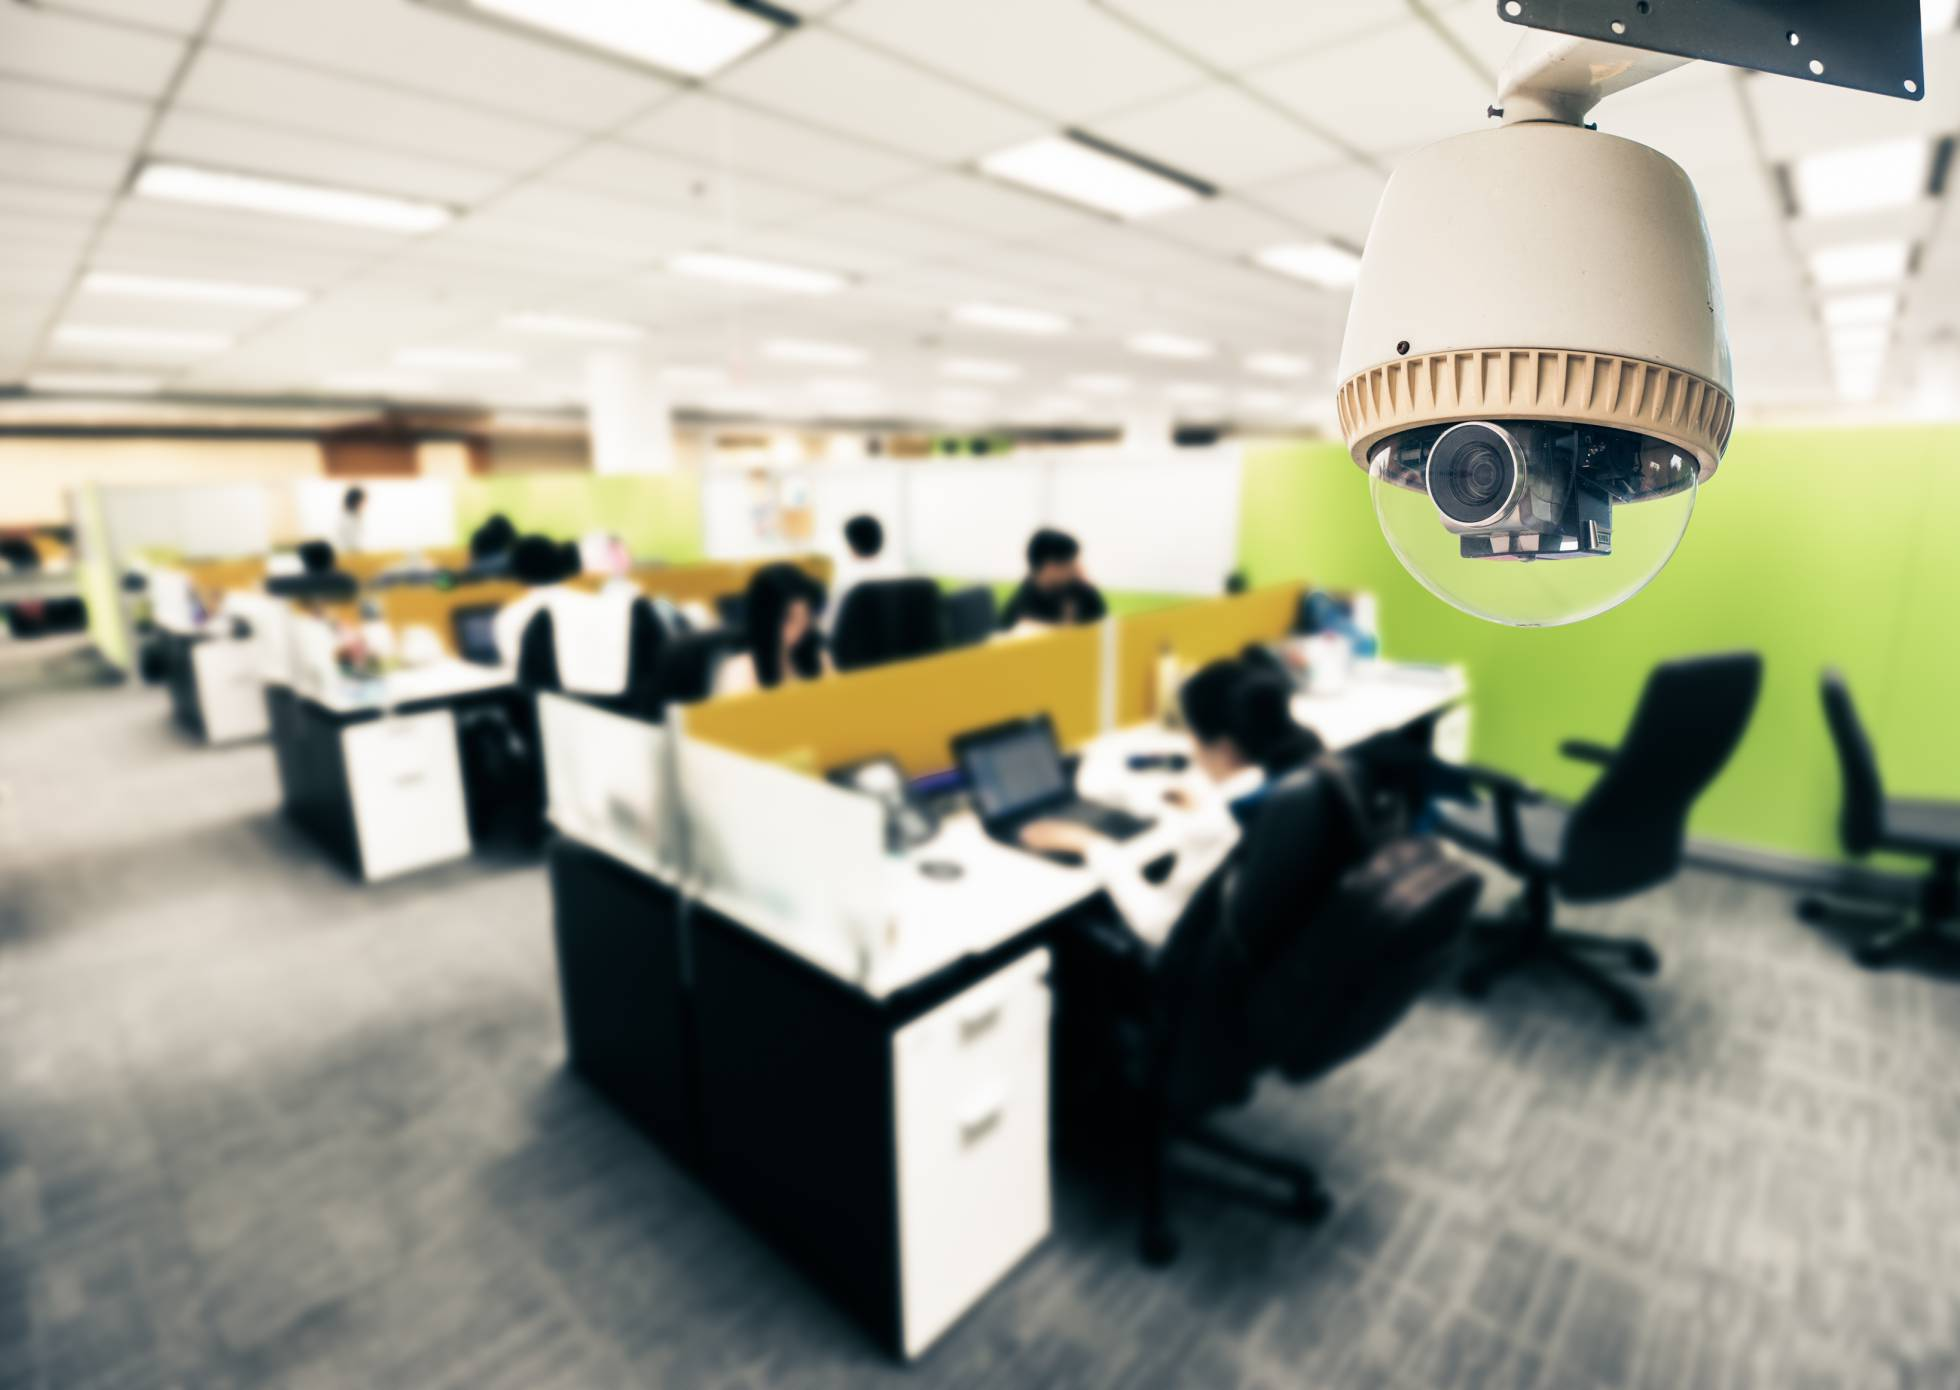 Un Gran Hermano que todo lo ve en la oficina. El uso de cámaras de vigilancia es una de las materias más conflictivas en el ámbito del trabajo